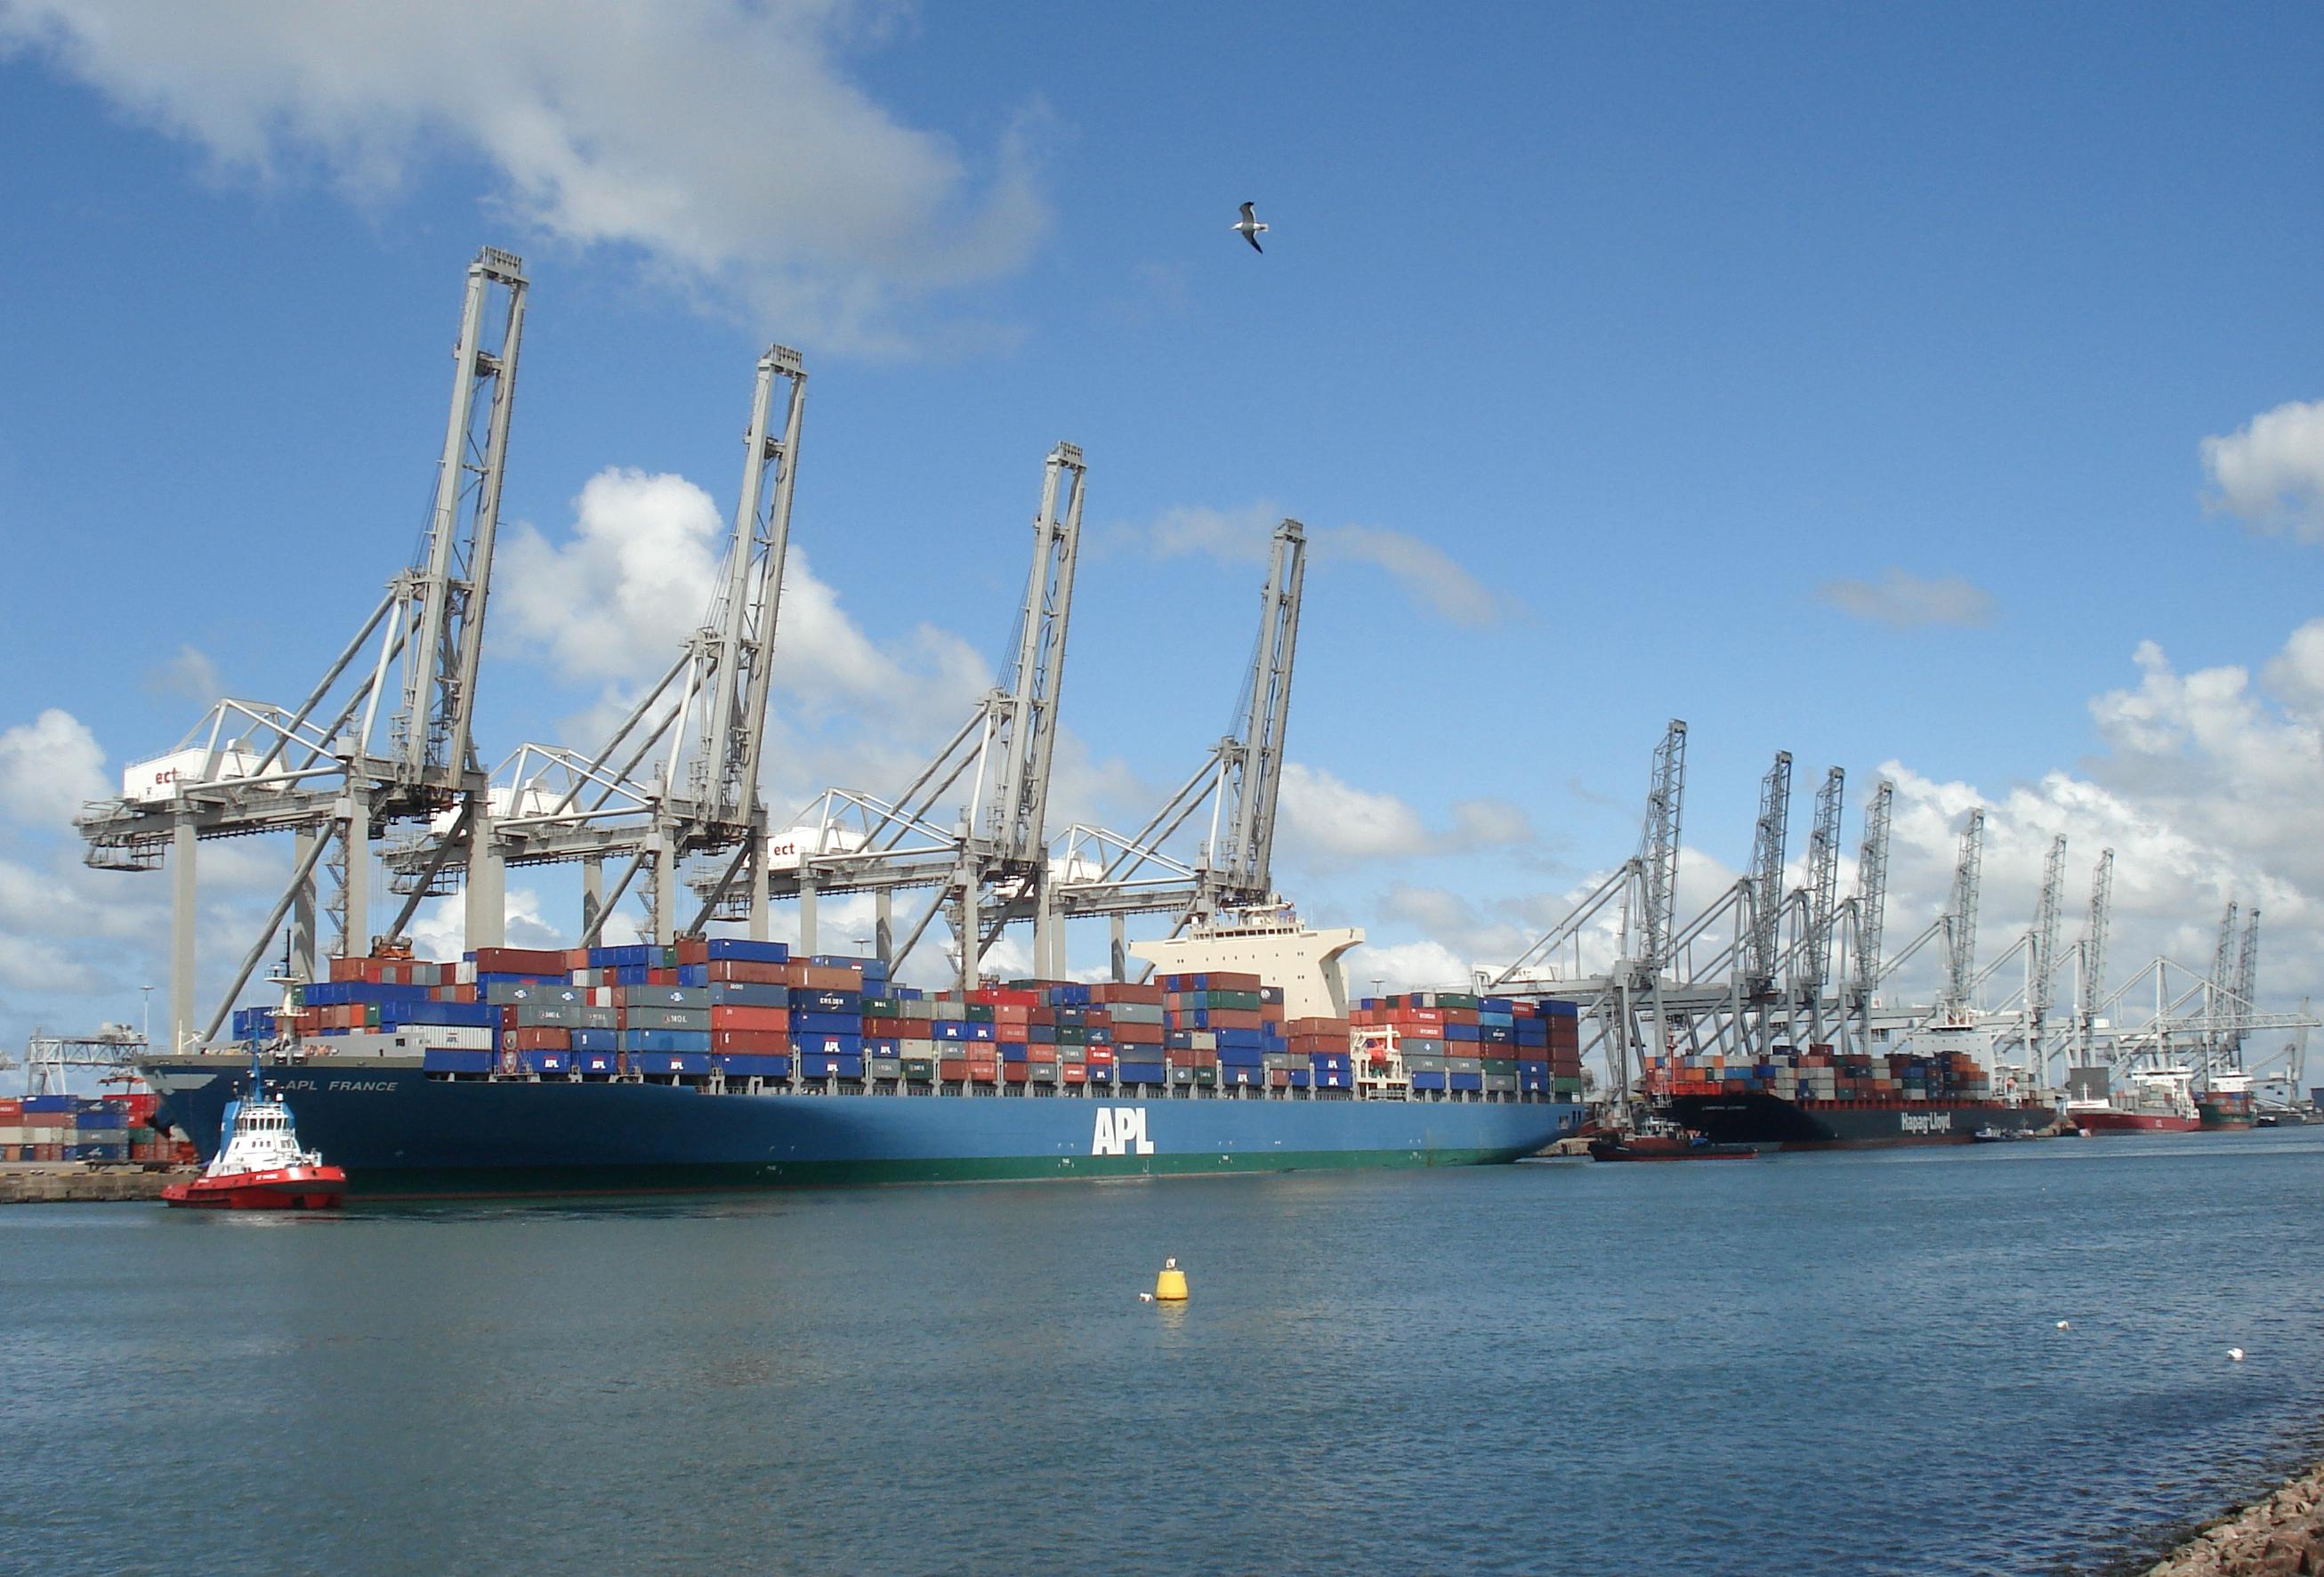 #3A6491 Pin Image Fotos De Port Es Alum Nio E Ferro Sob Medida Rio Janeiro  1916 Janela De Aluminio Sob Medida Rio De Janeiro